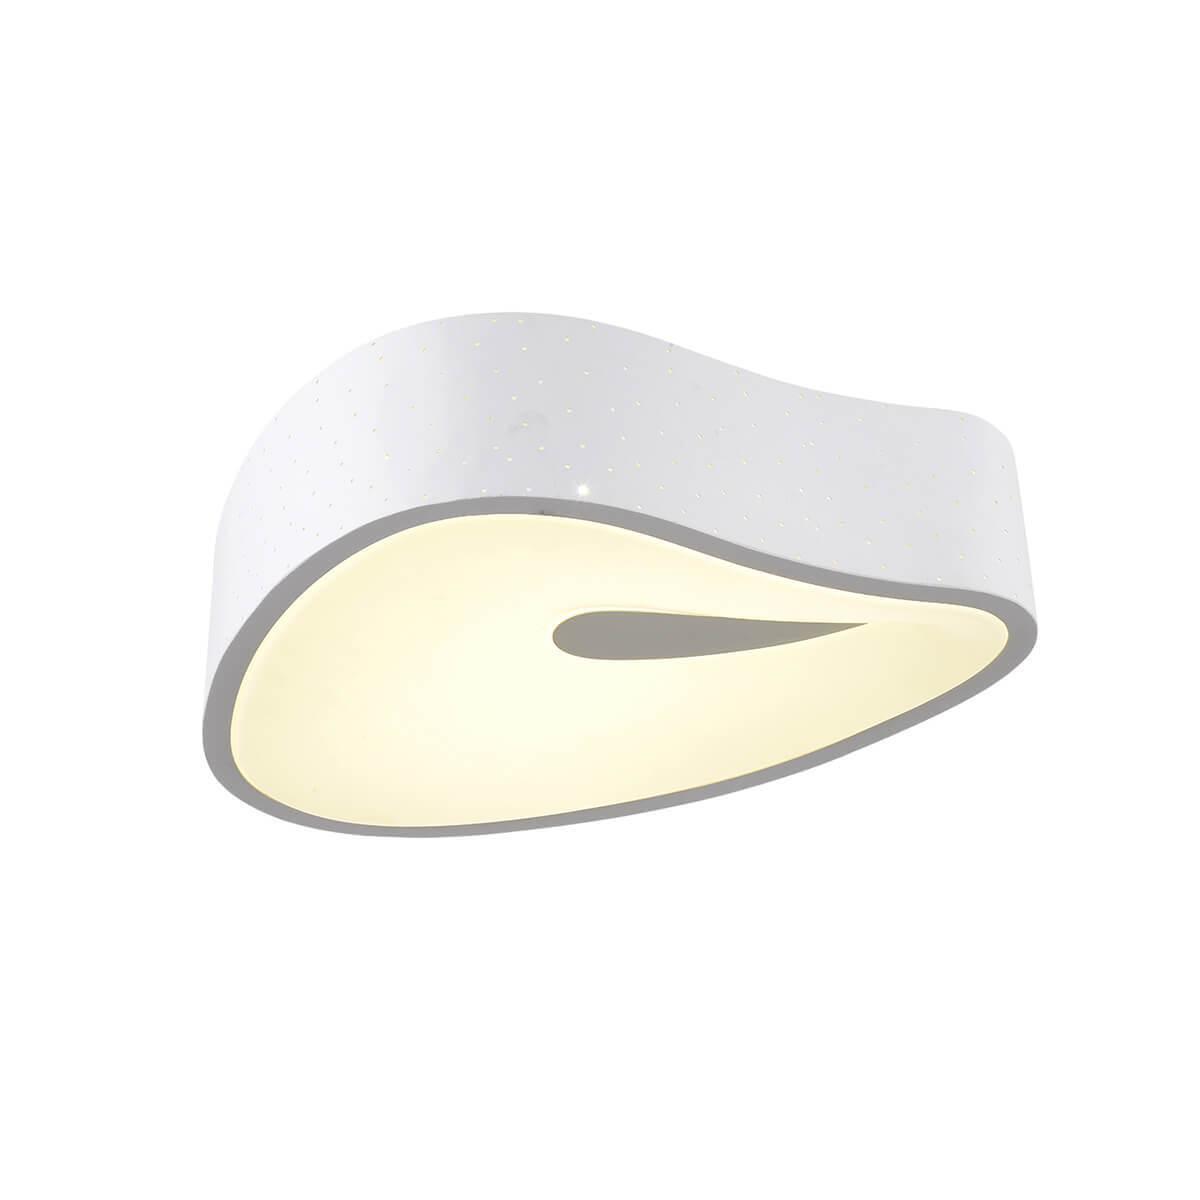 Потолочный светильник Omnilux OML-45507-53, LED, 6.625 Вт